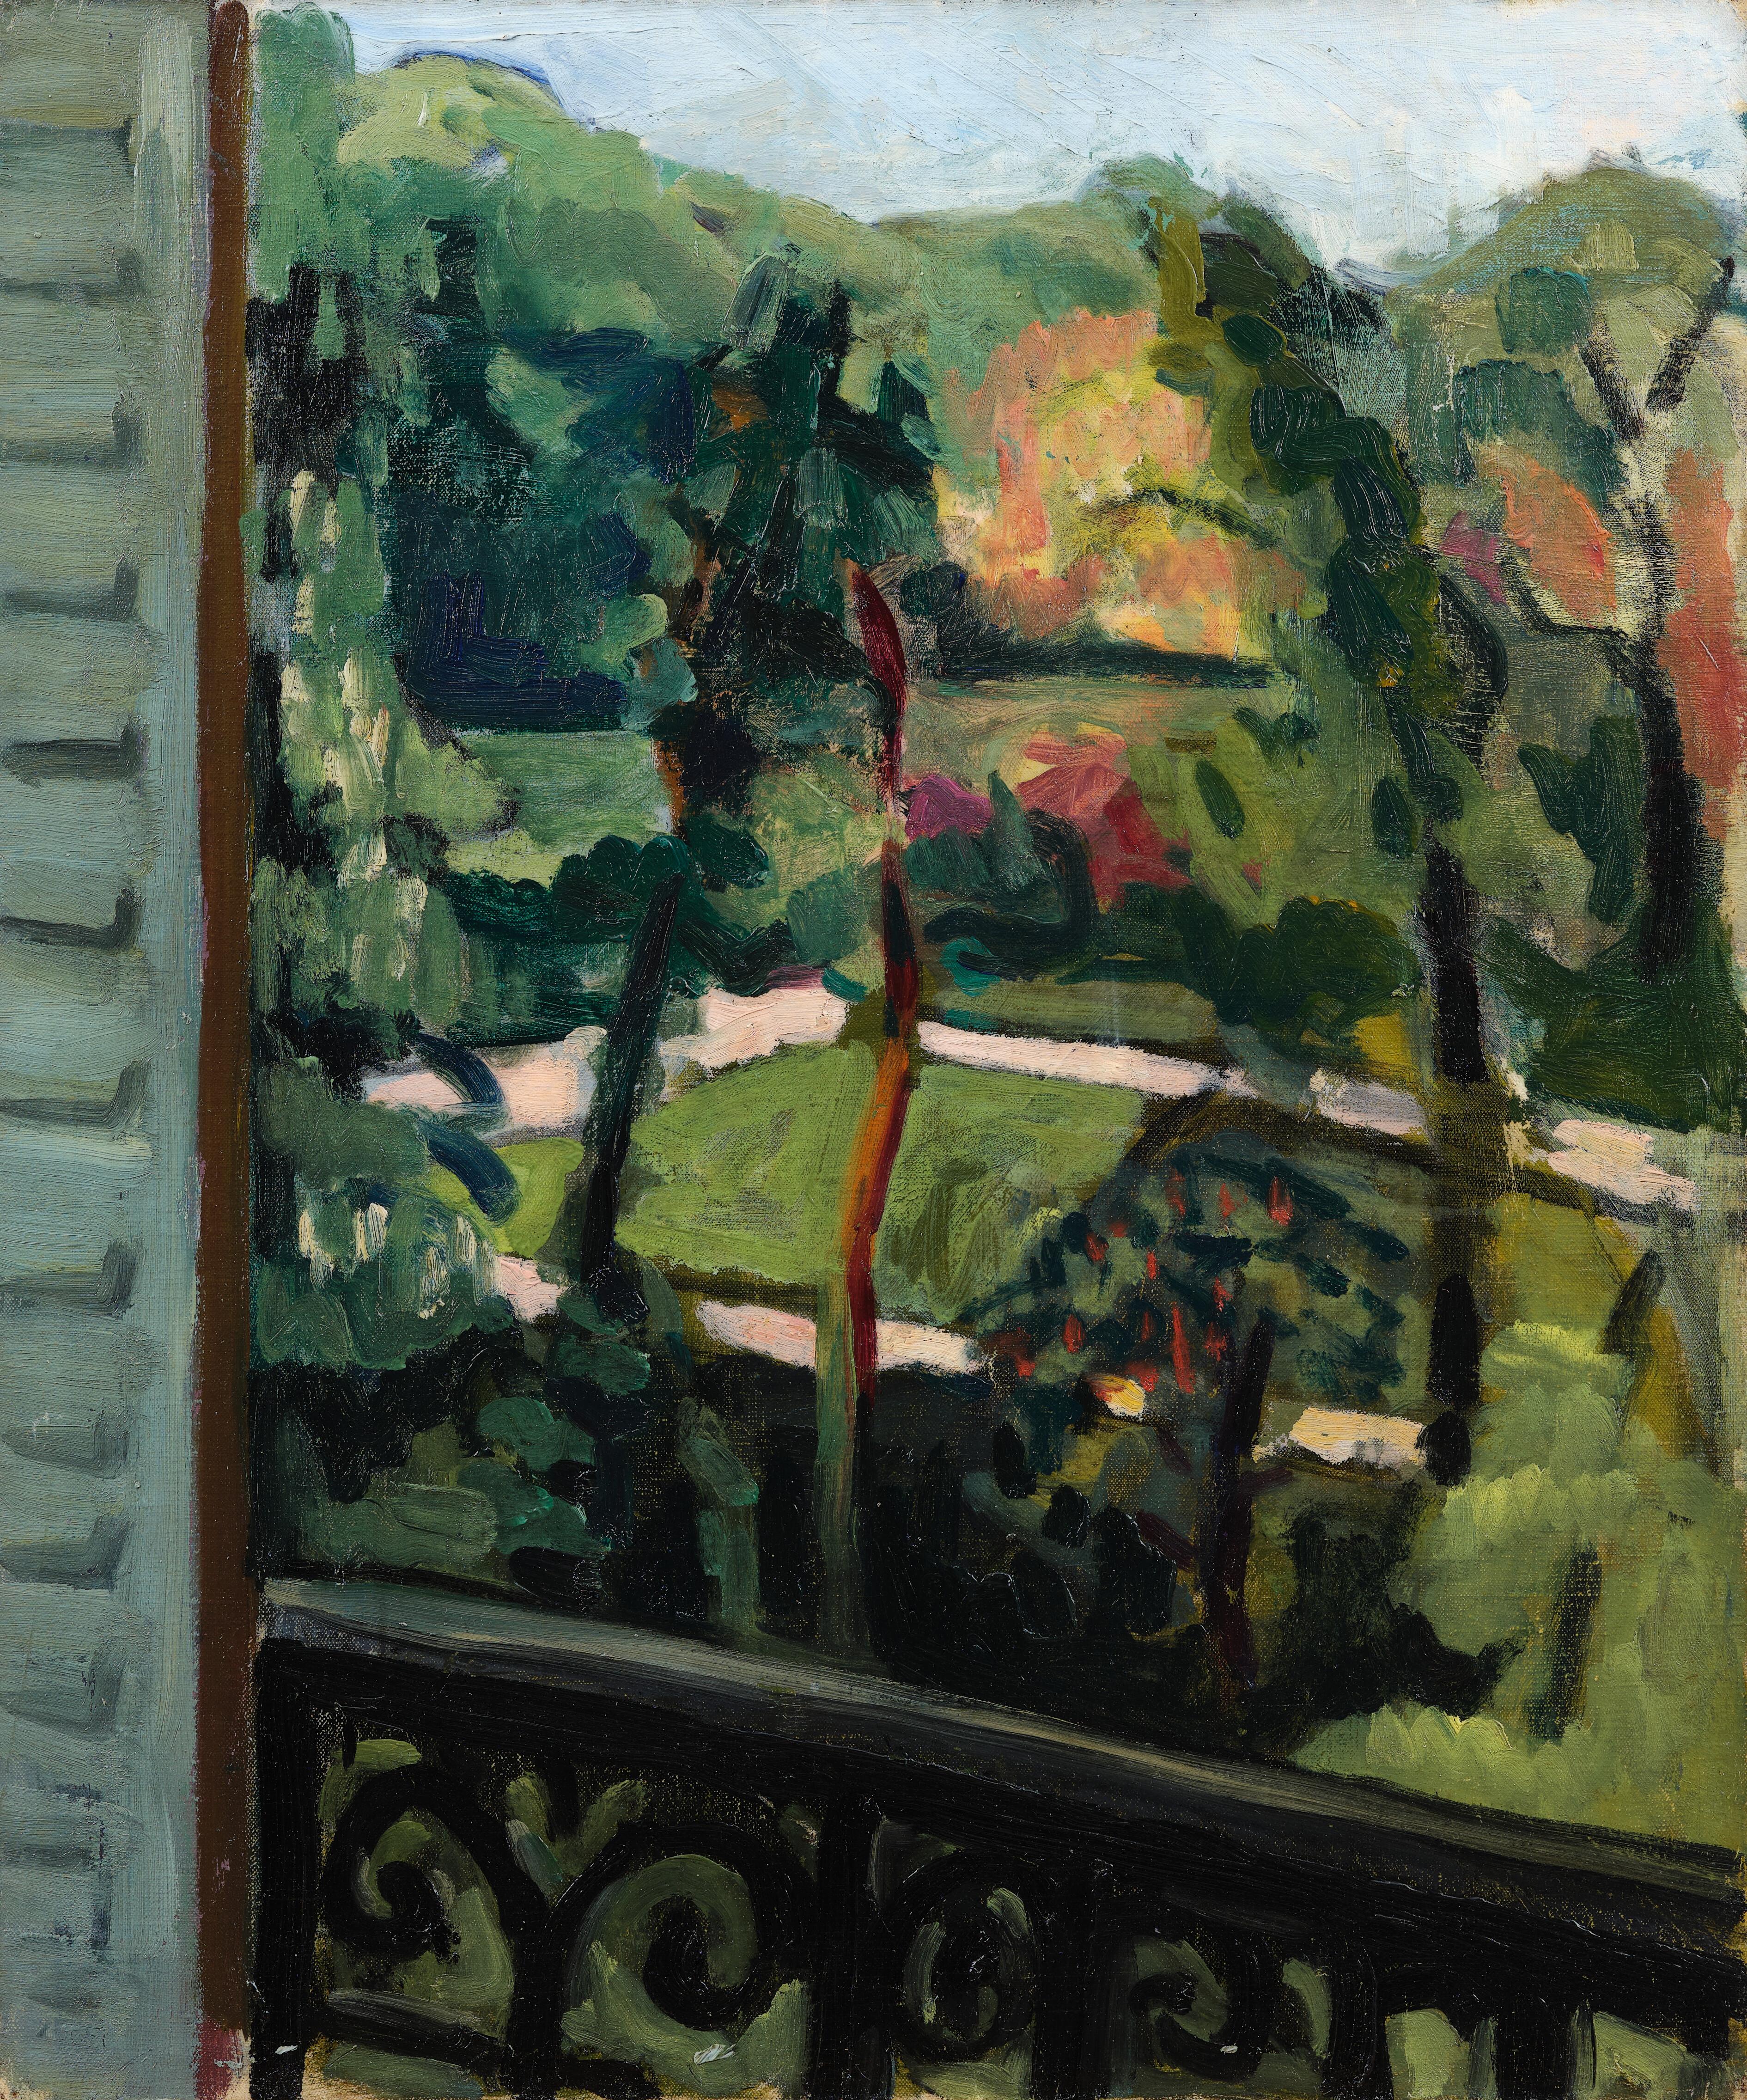 Vue d'un jardin depuis le balcon - tableau de André Favory, vendu par la galerie Marek & Sons